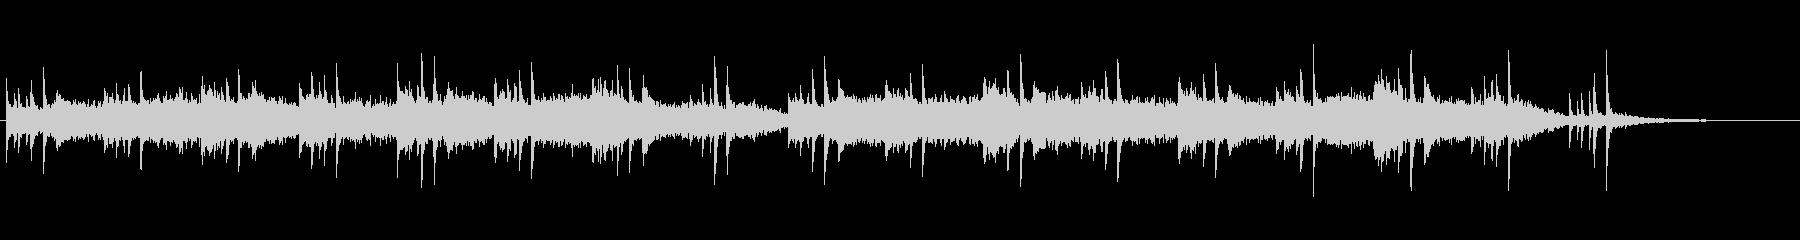 太鼓とシンセのSci-Fi的なジングルの未再生の波形